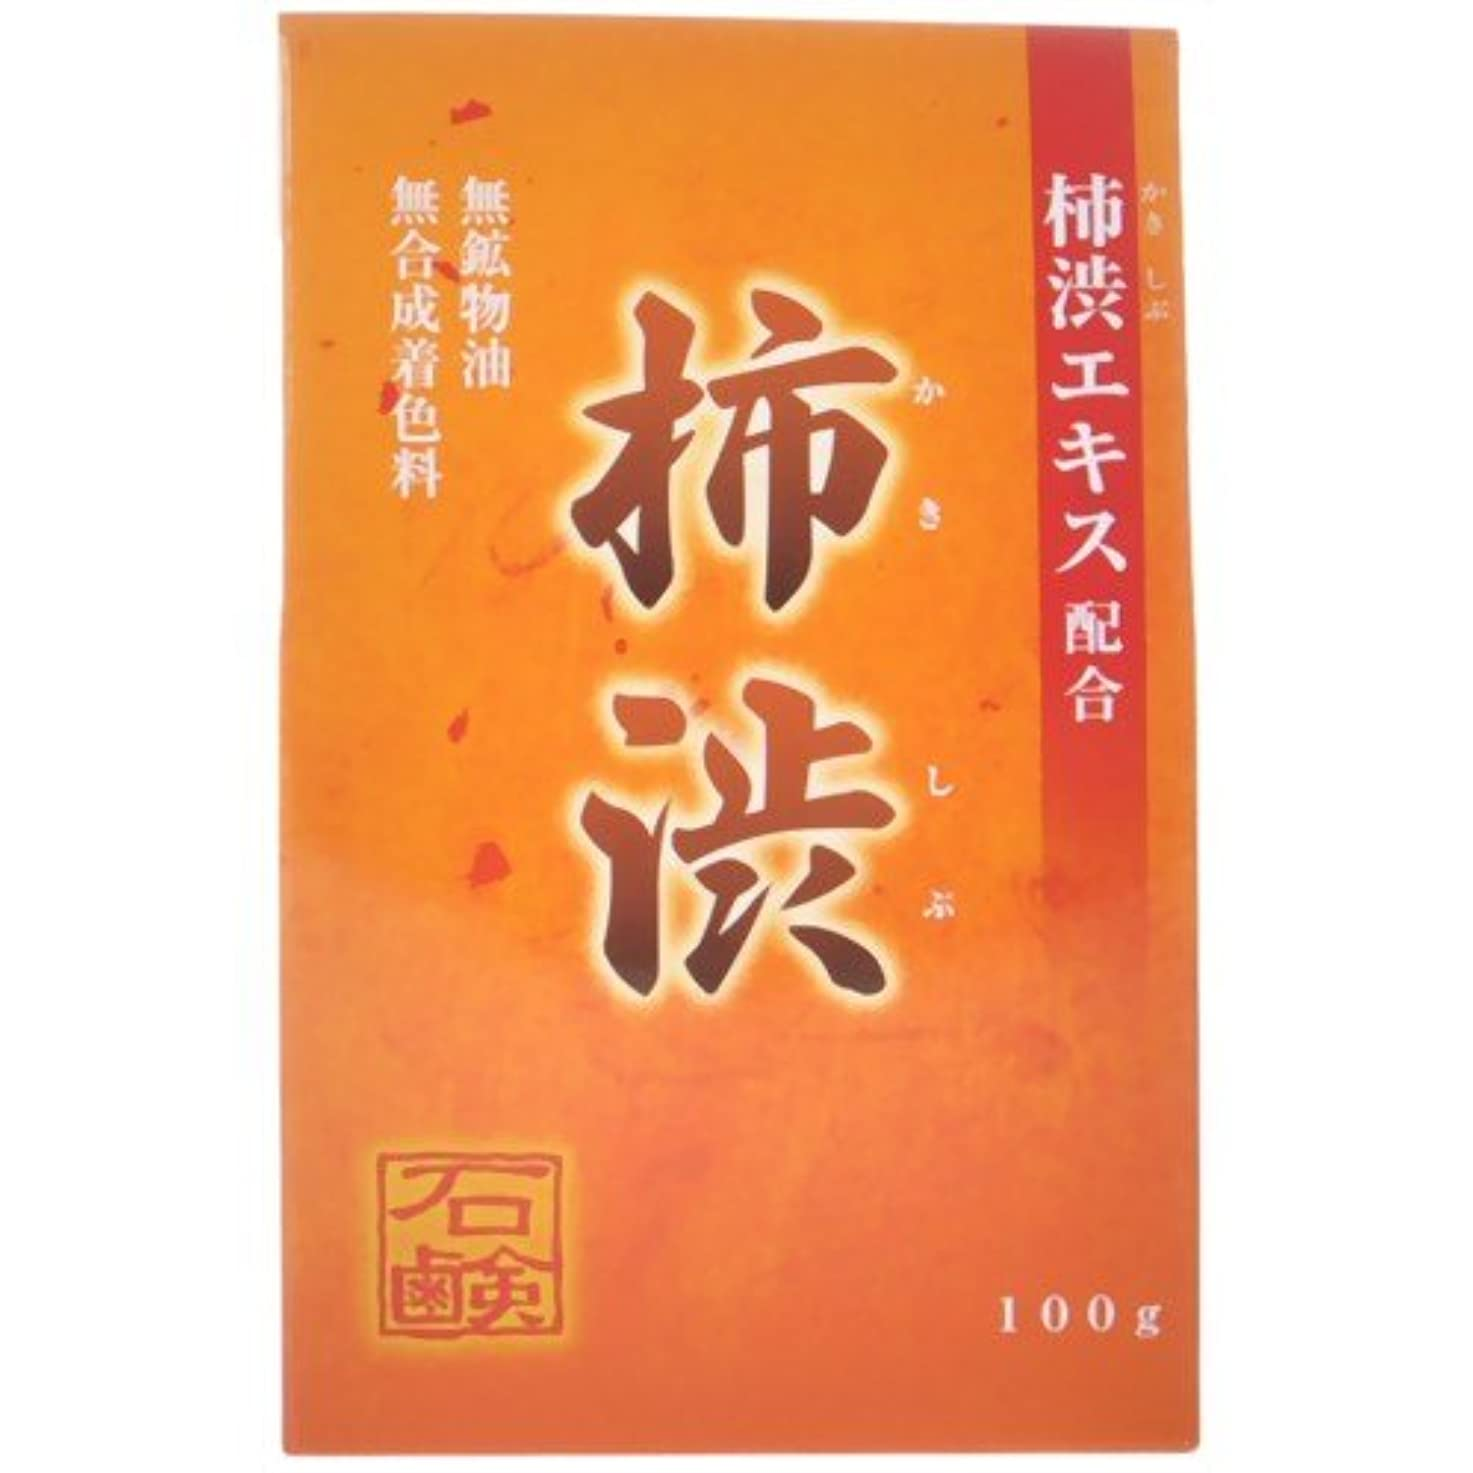 ジャンプするバトル柿渋石鹸 100g